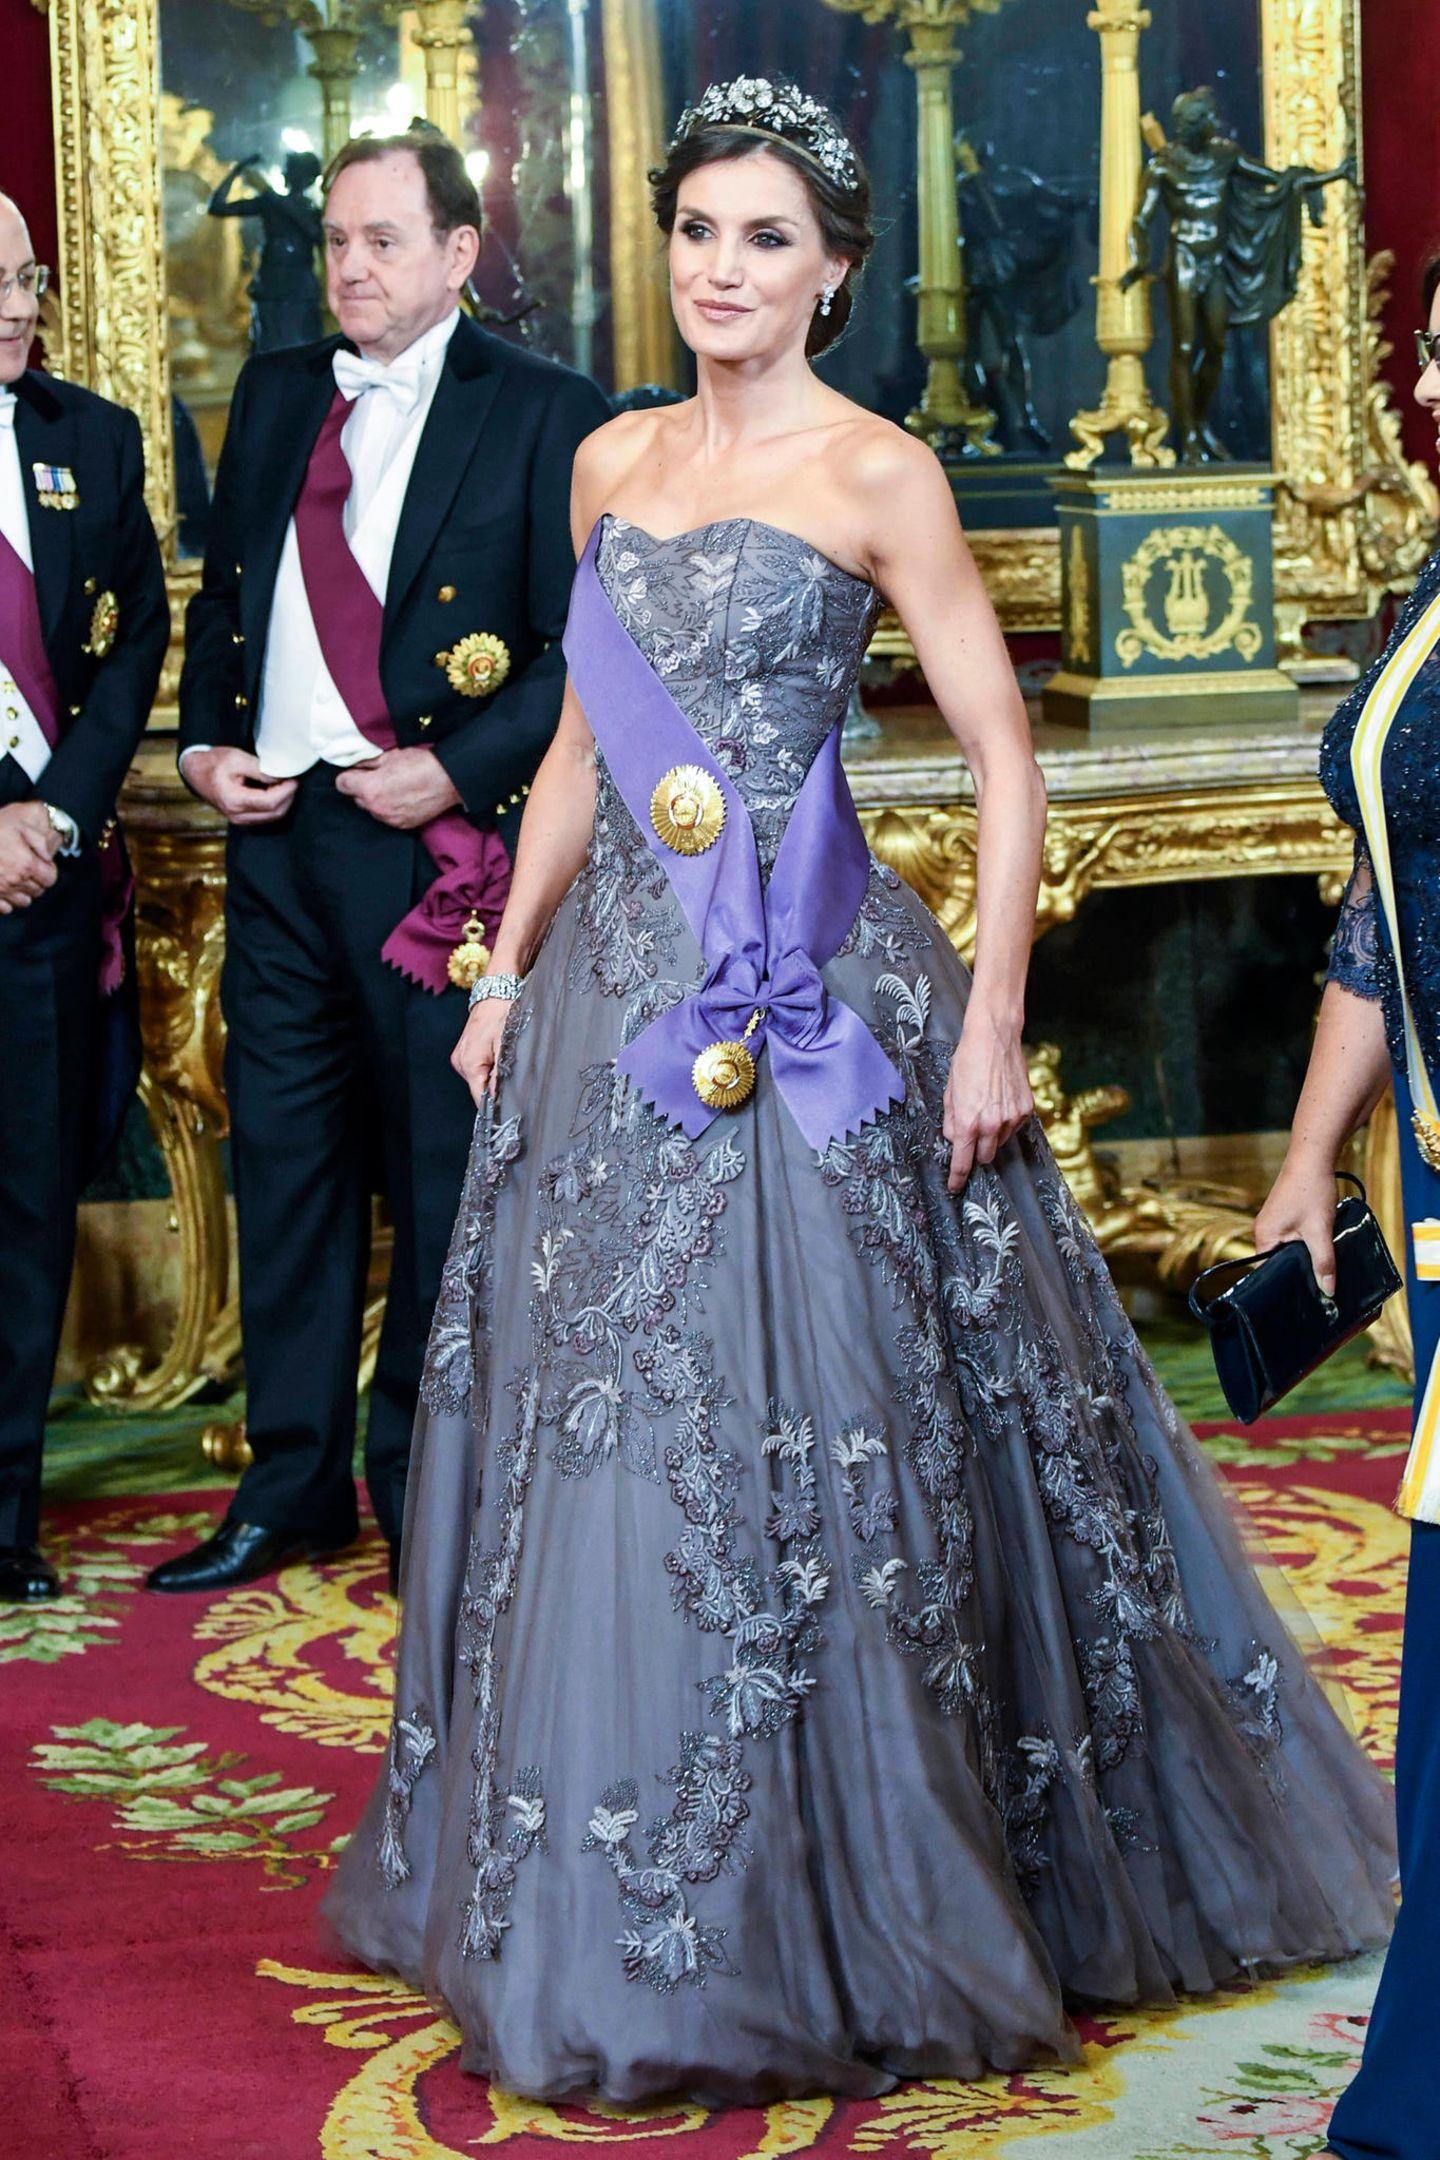 Beim Abendessen zu Ehren des peruanischen Präsidentenpaares im Pardo Palast in Madrid verzaubert Königin Letizia in königlicher Robe.